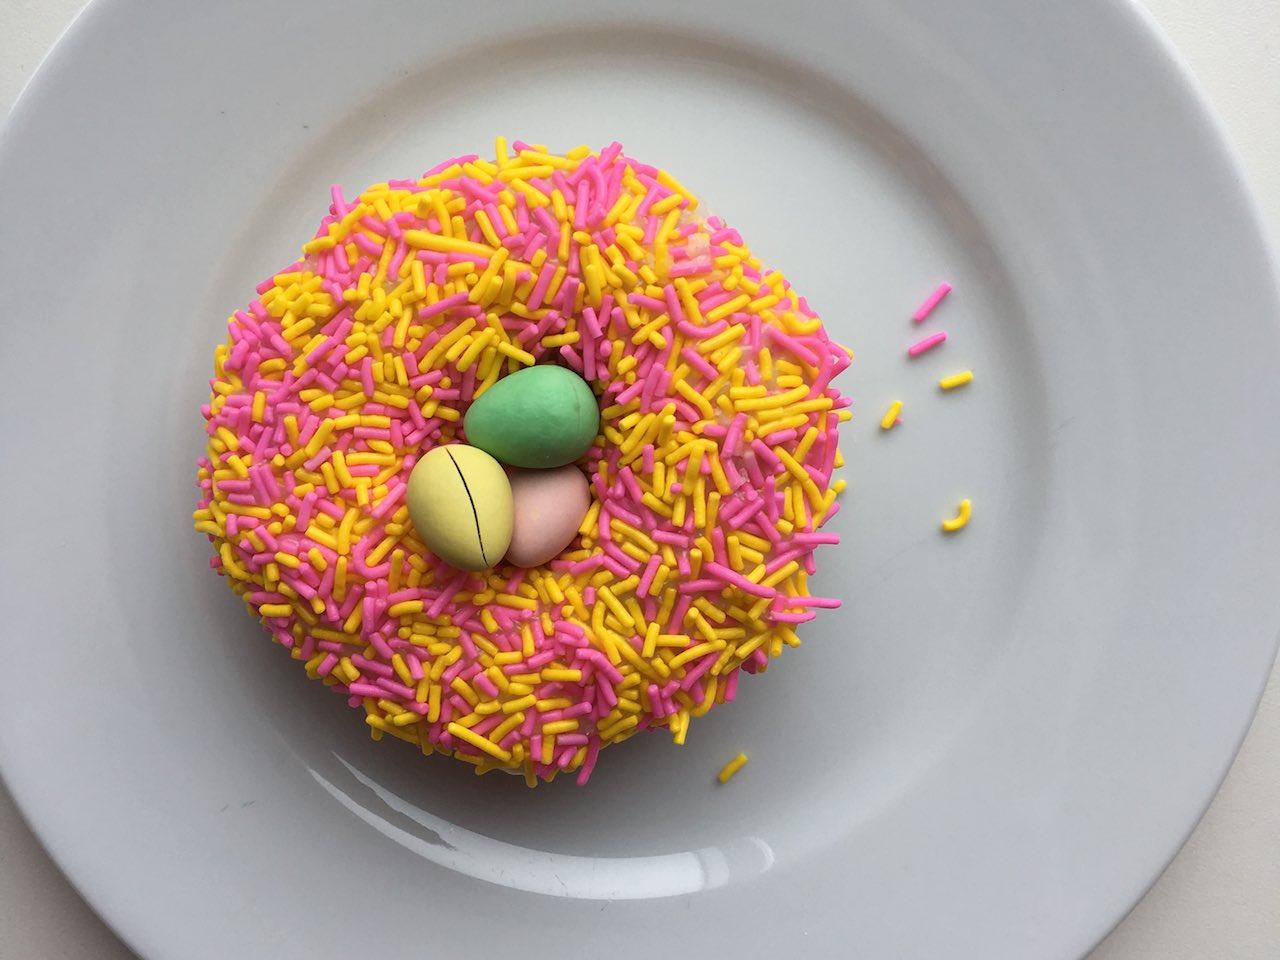 Tim Hortons Mini Eggs doughnut on white plate.